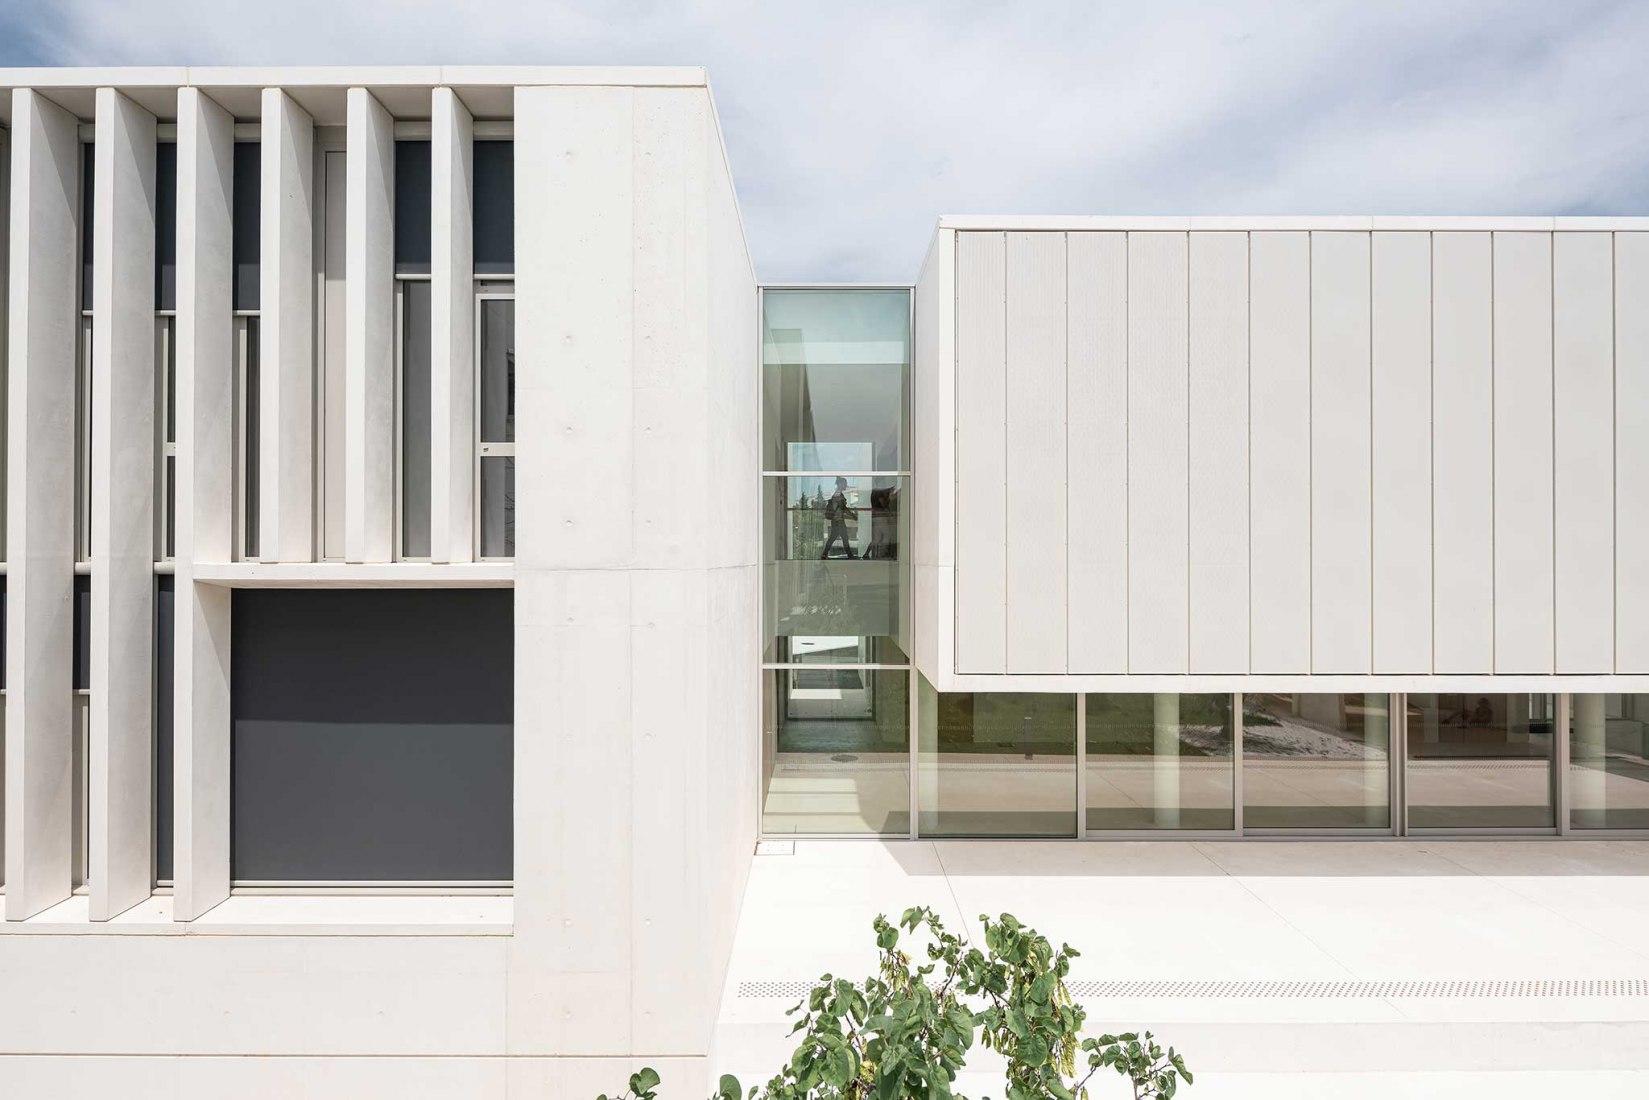 Maison Méditerranéenne des Sciences de l'Homme por Panorama Architecture. Fotografía por Wearecontents